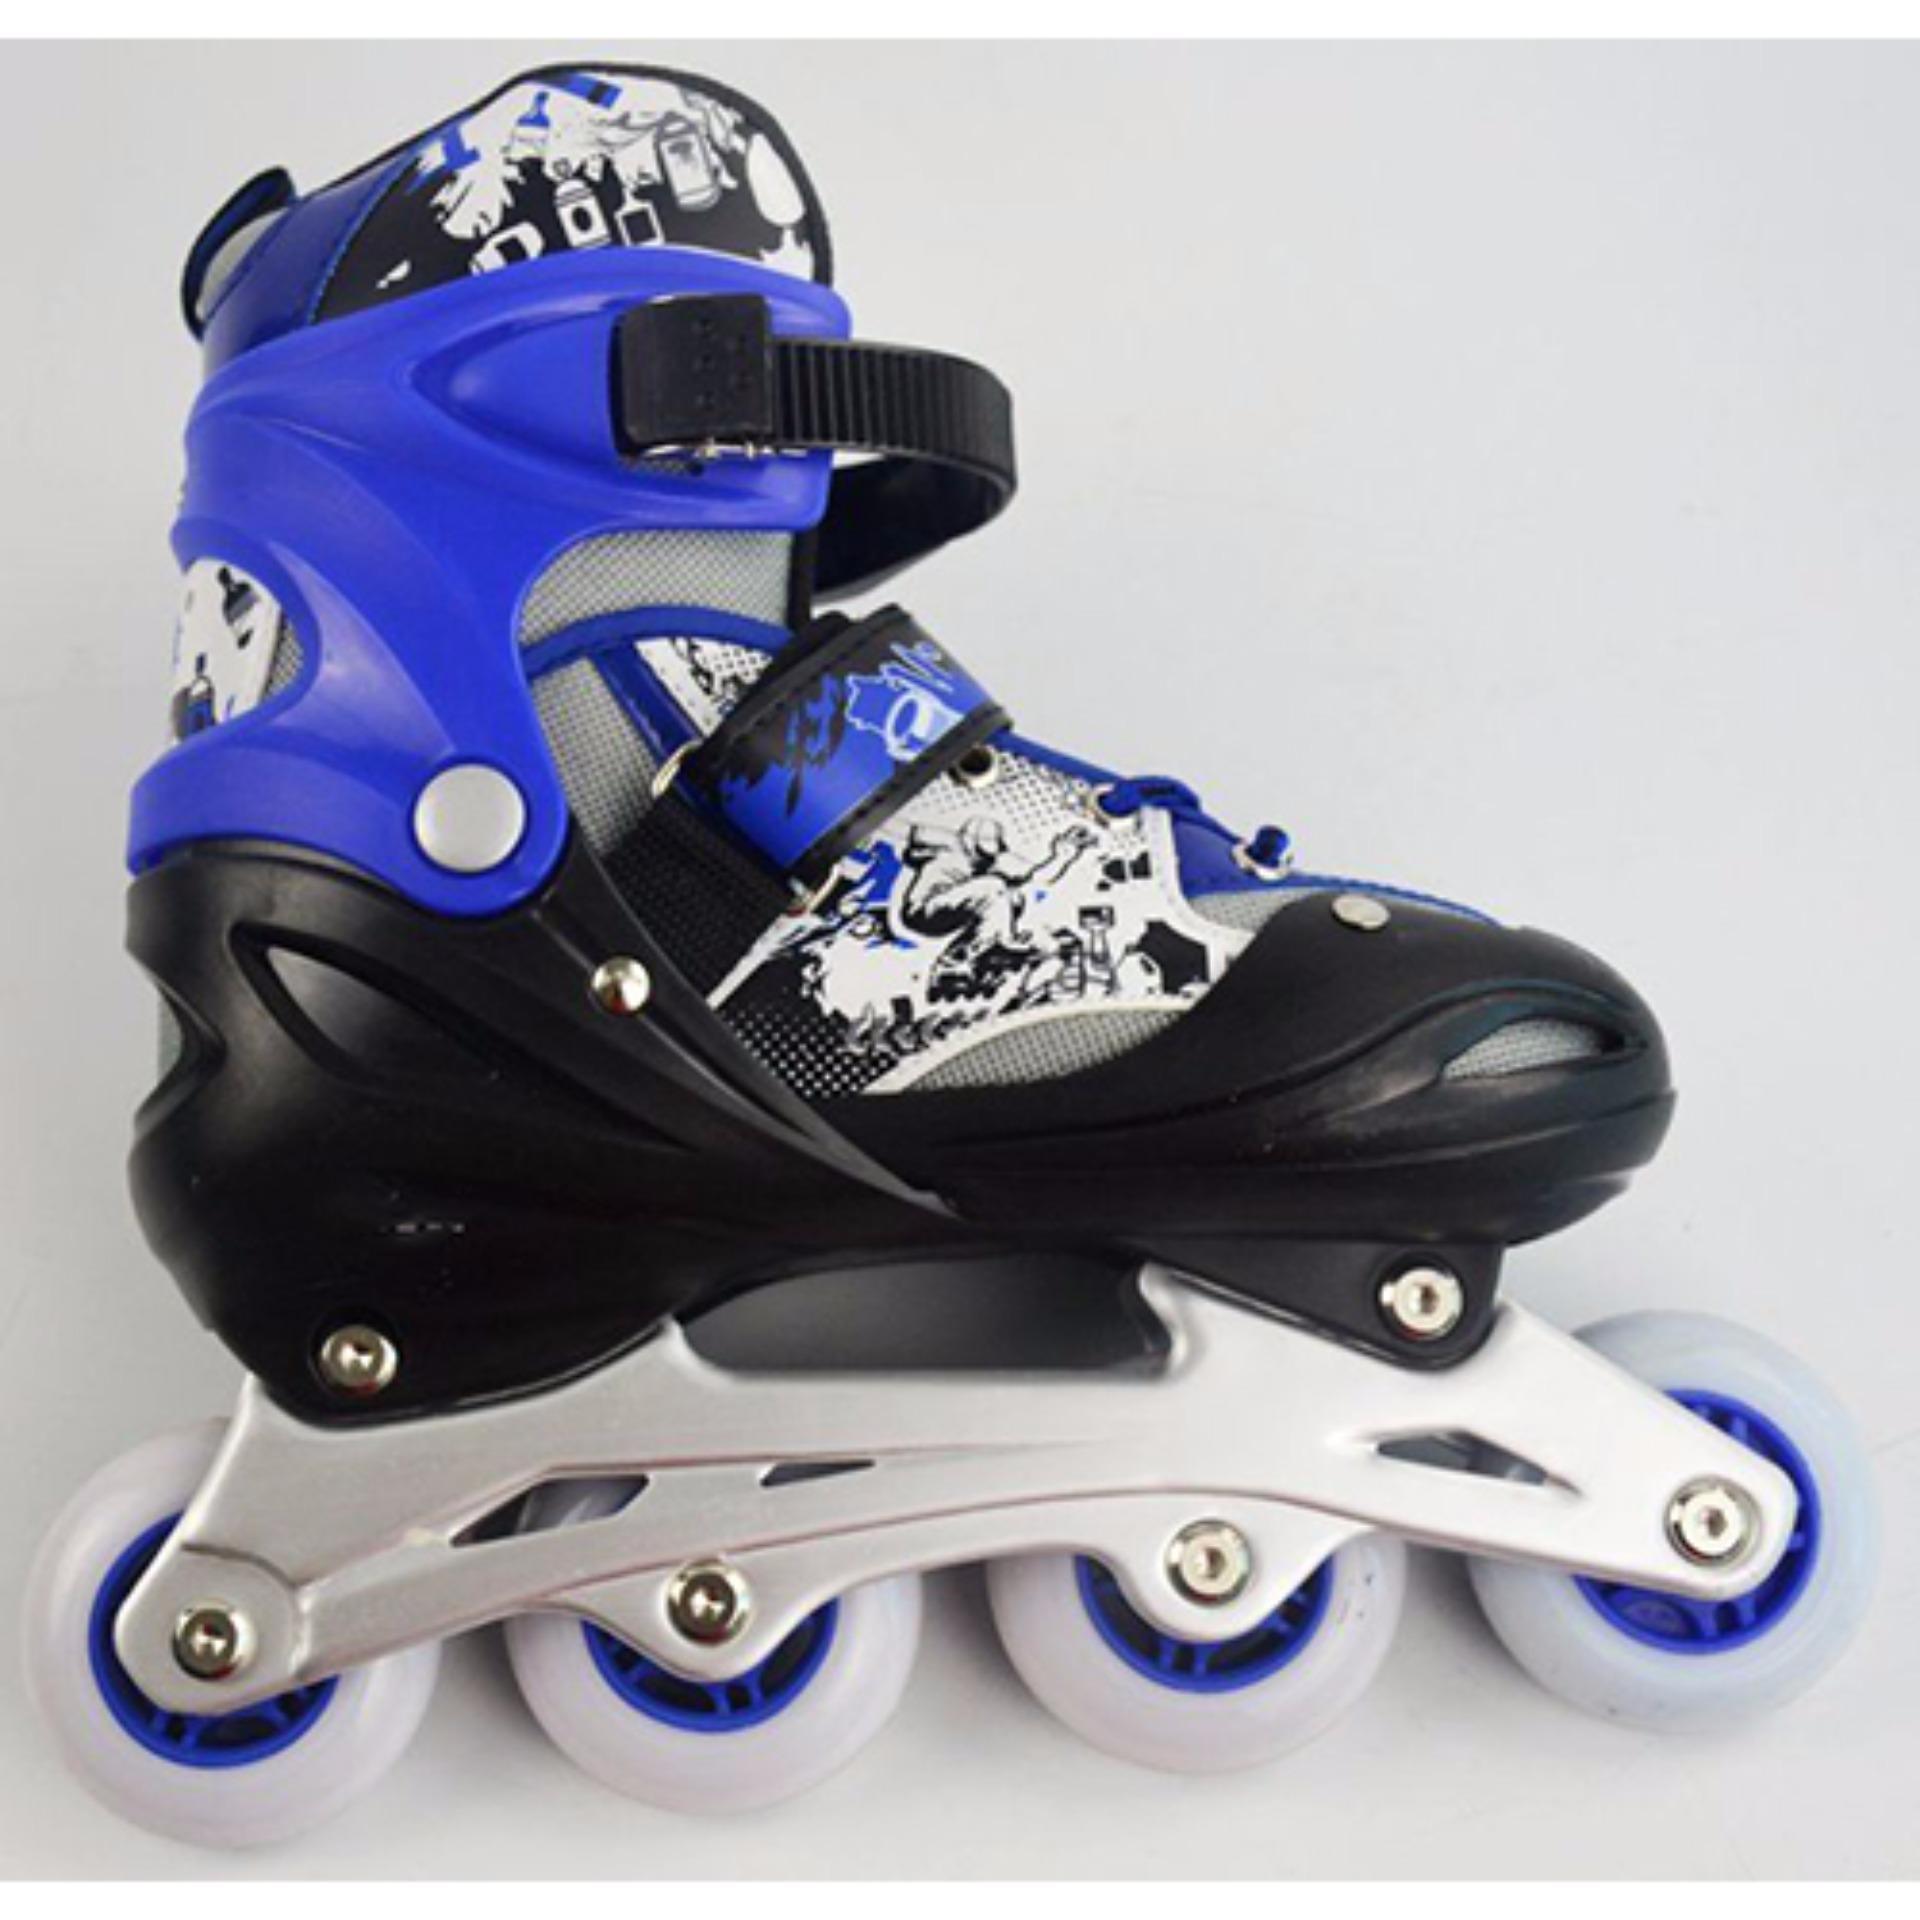 Giầy trượt patin trẻ em Long Feng 906 size L-Phù hợp cho trẻ trên 12 tuổi